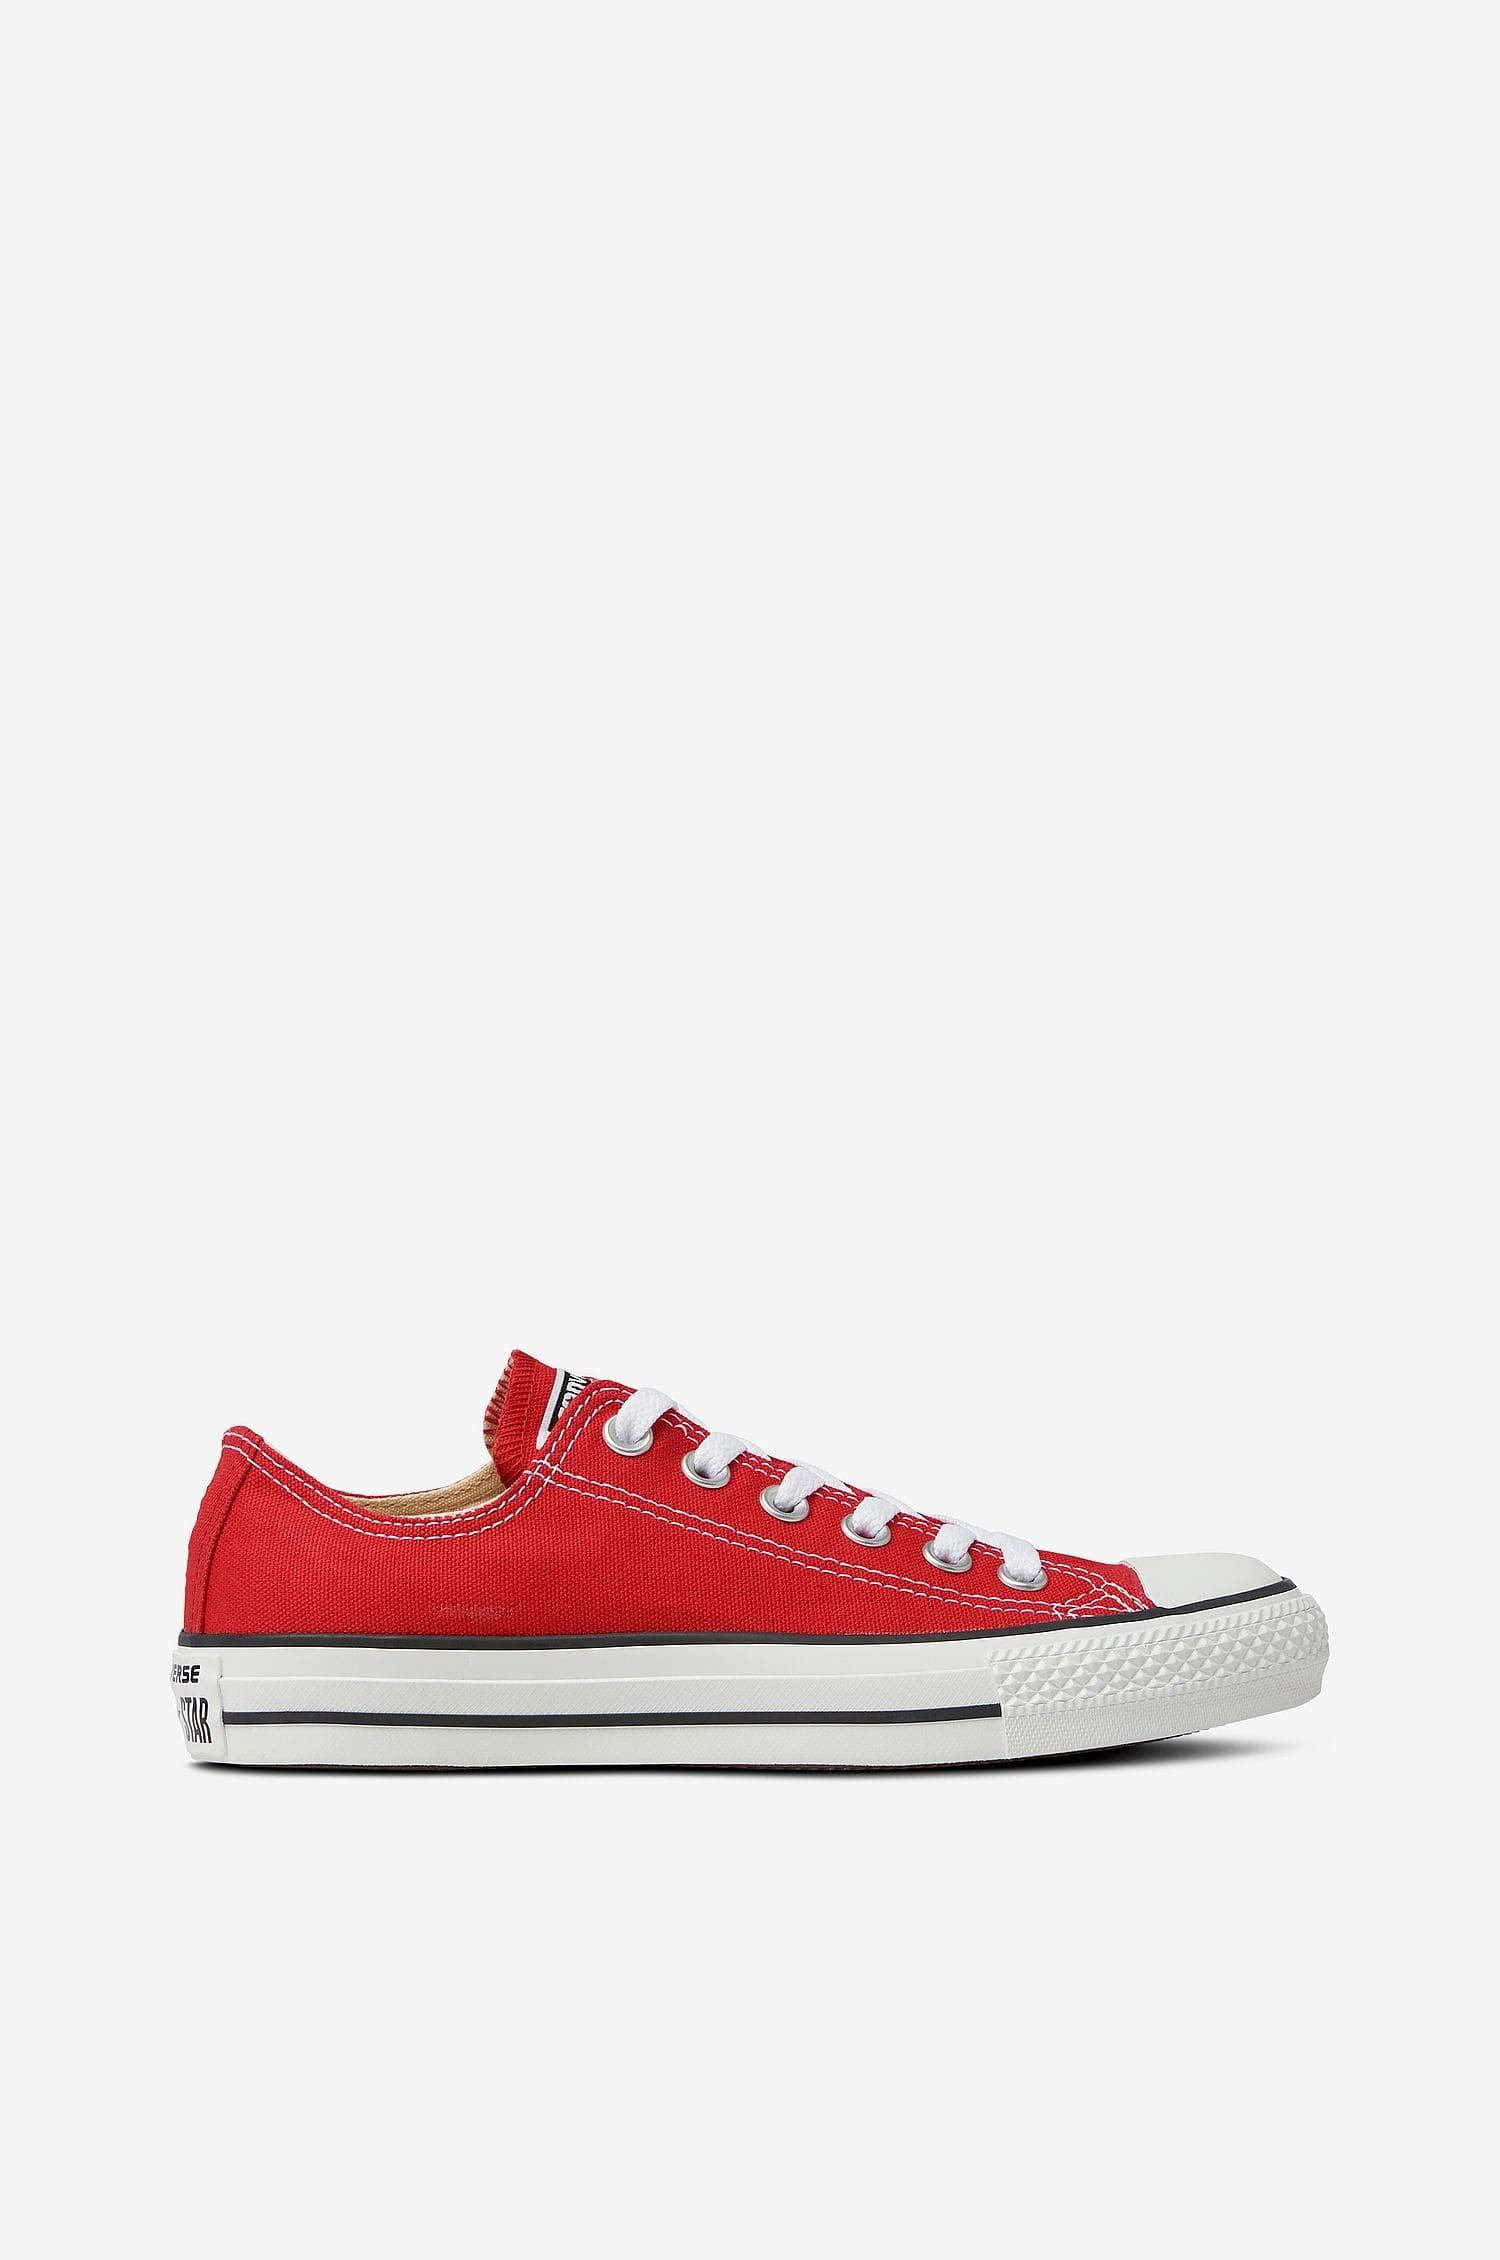 Sneakers från Michael Michael Kors, med hela ovansidan i tryckt logotyp.